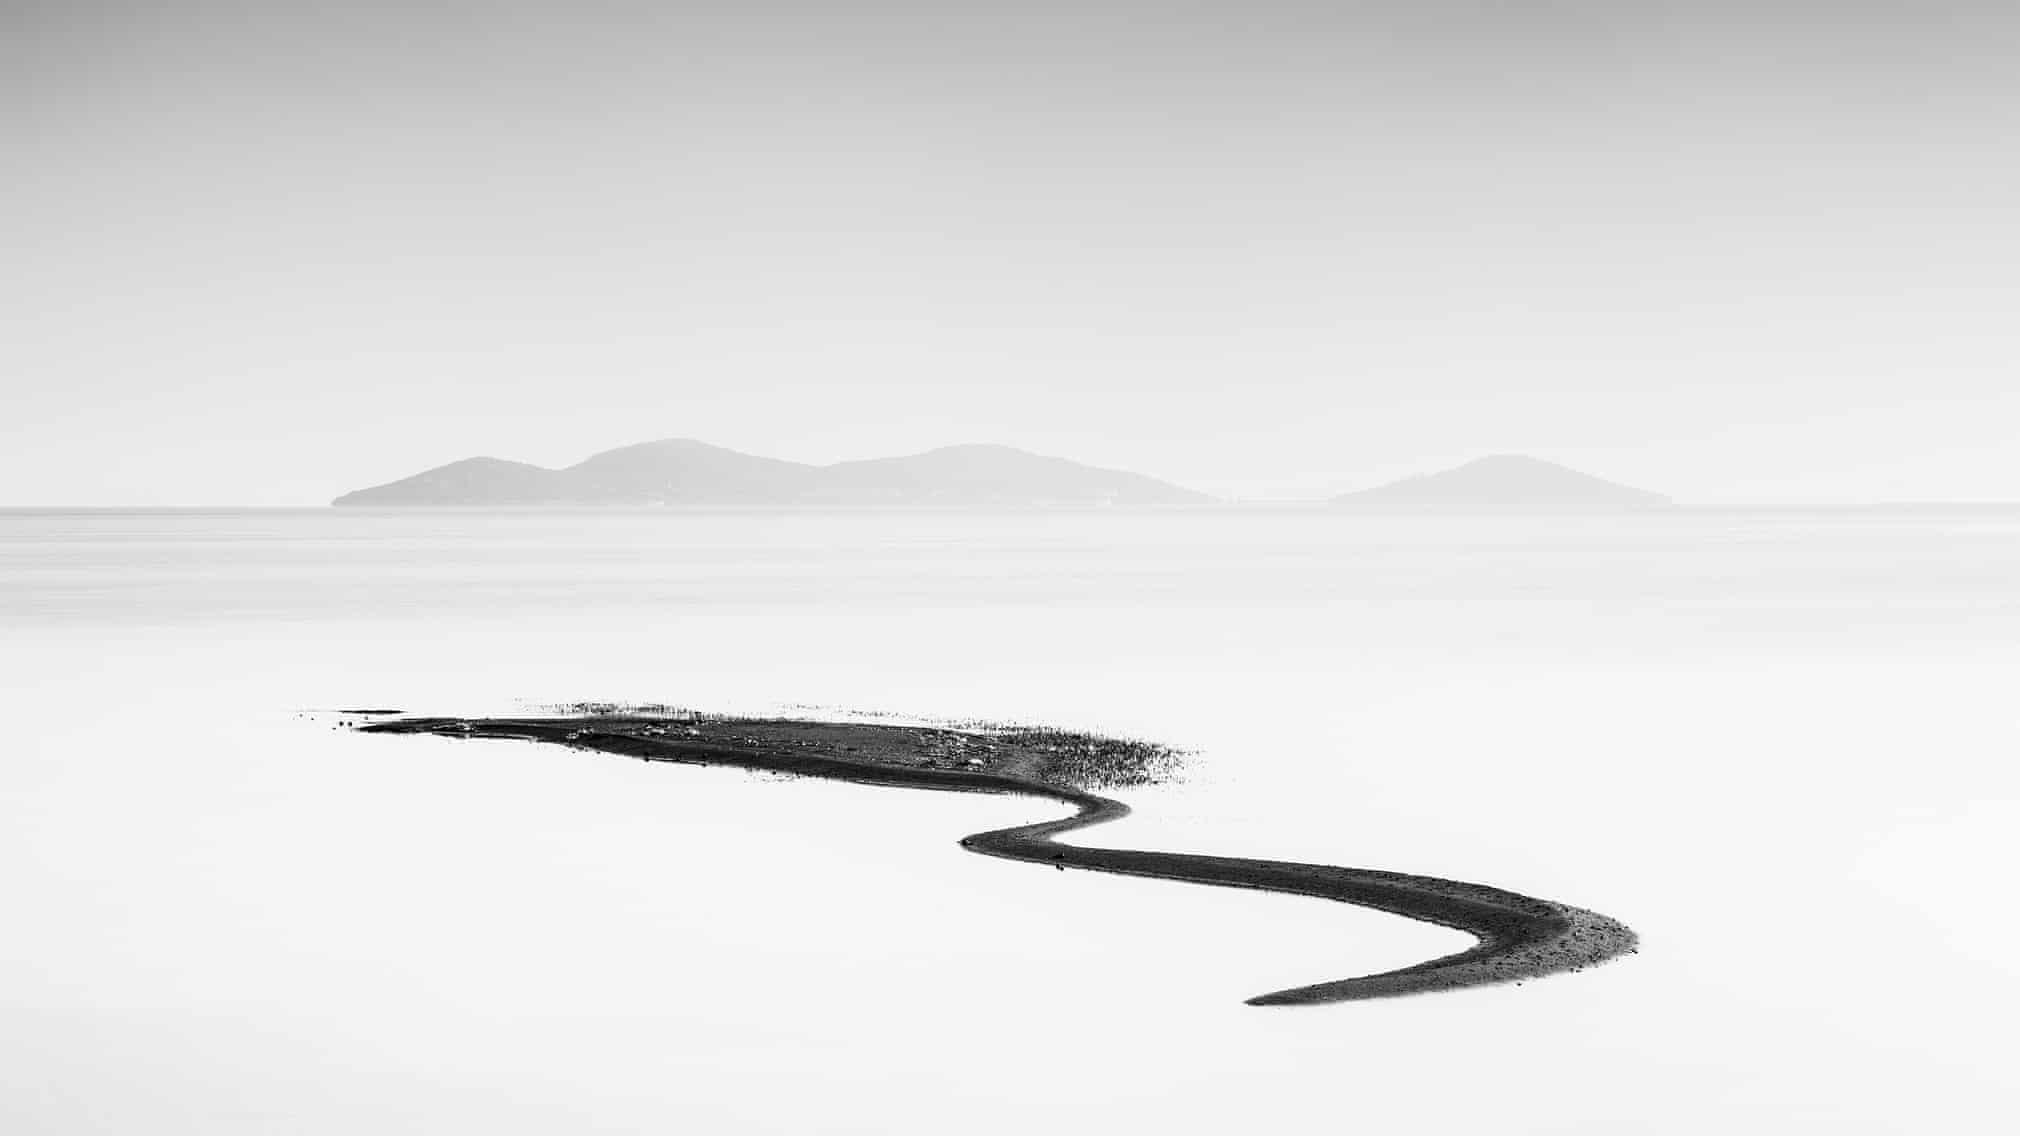 Песчаные формы, © Дэвид Фрутос Эгеа, Испания, Победитель категории «Пейзаж», Фотоконкурс «Европейский фотограф дикой природы»